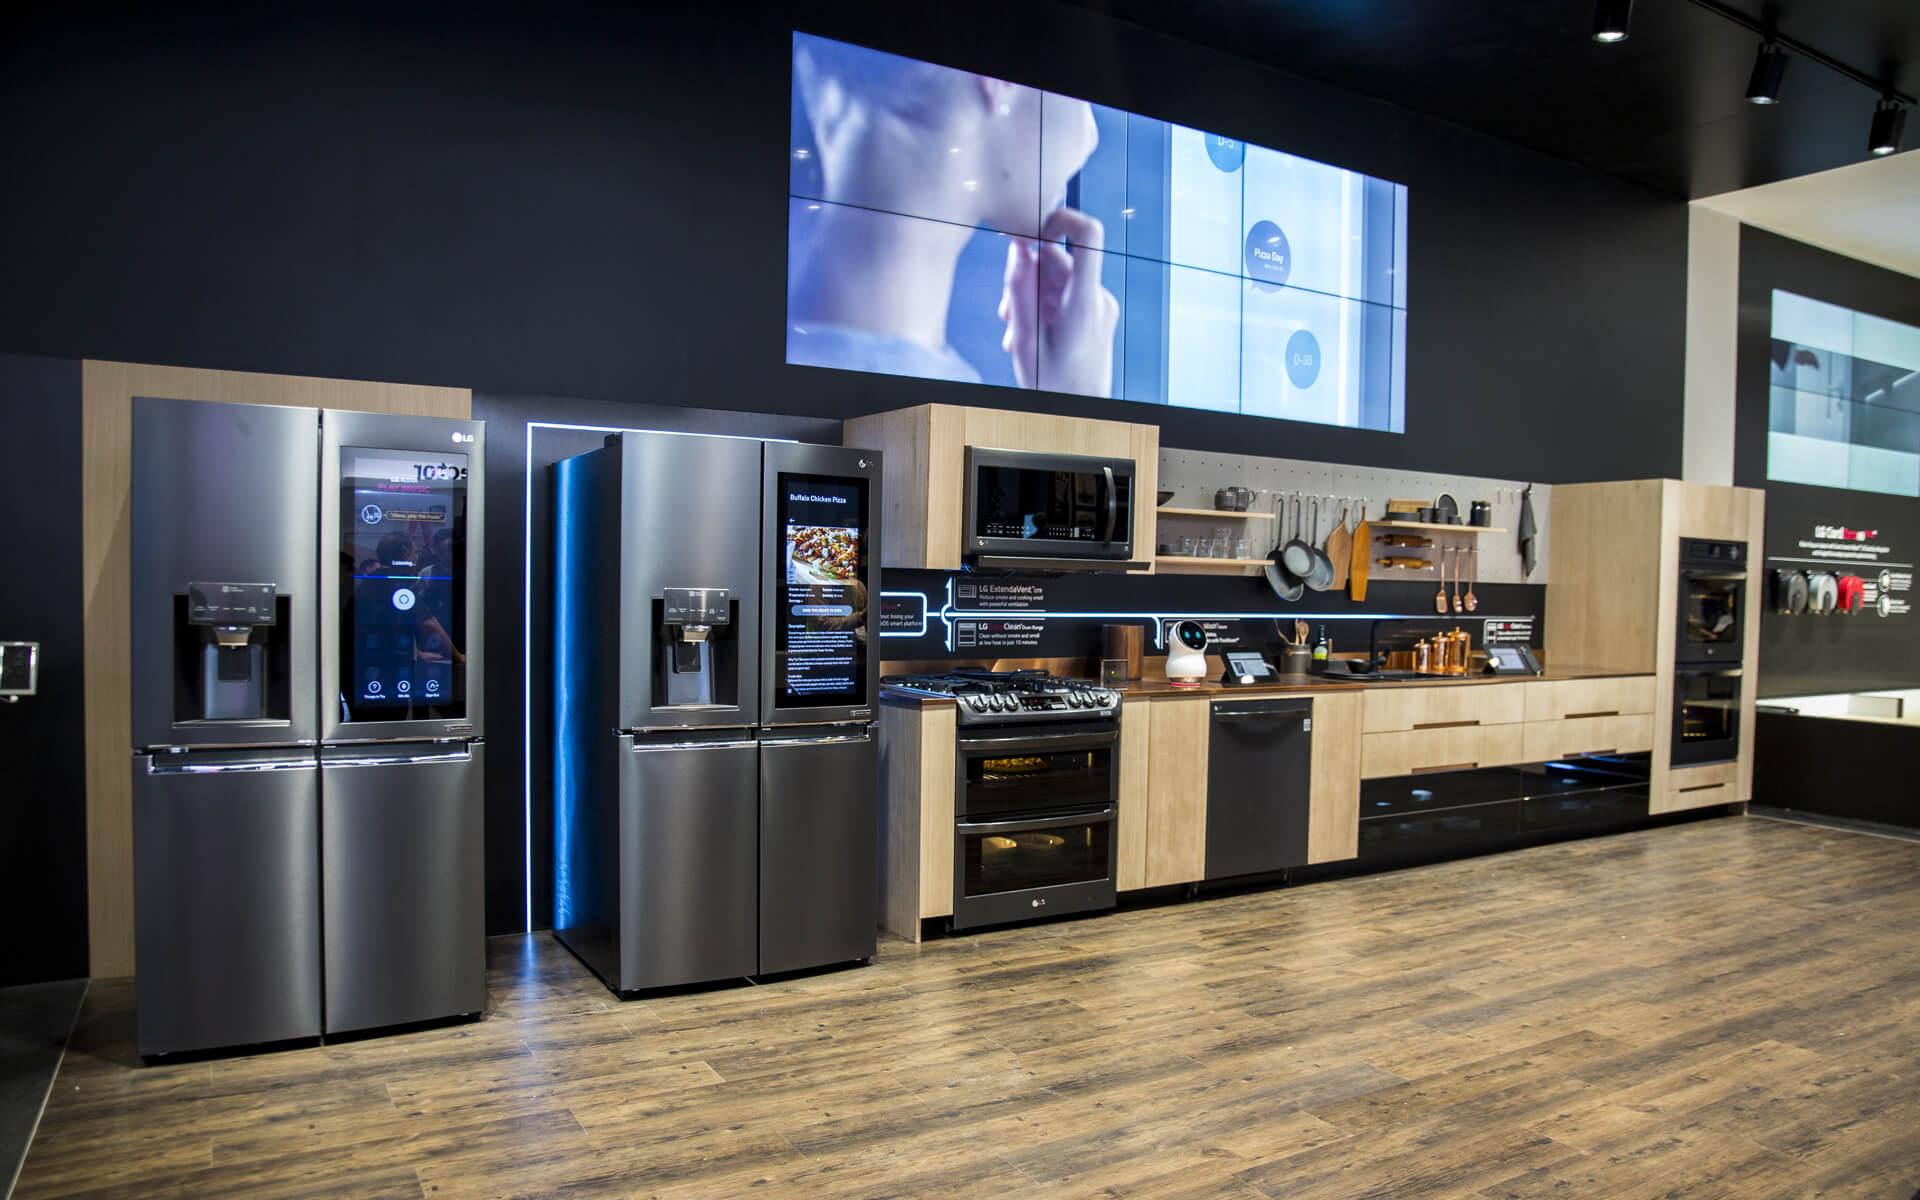 Eletrodomésticos da LG agora suportam Amazon Alexa e Google Assistente